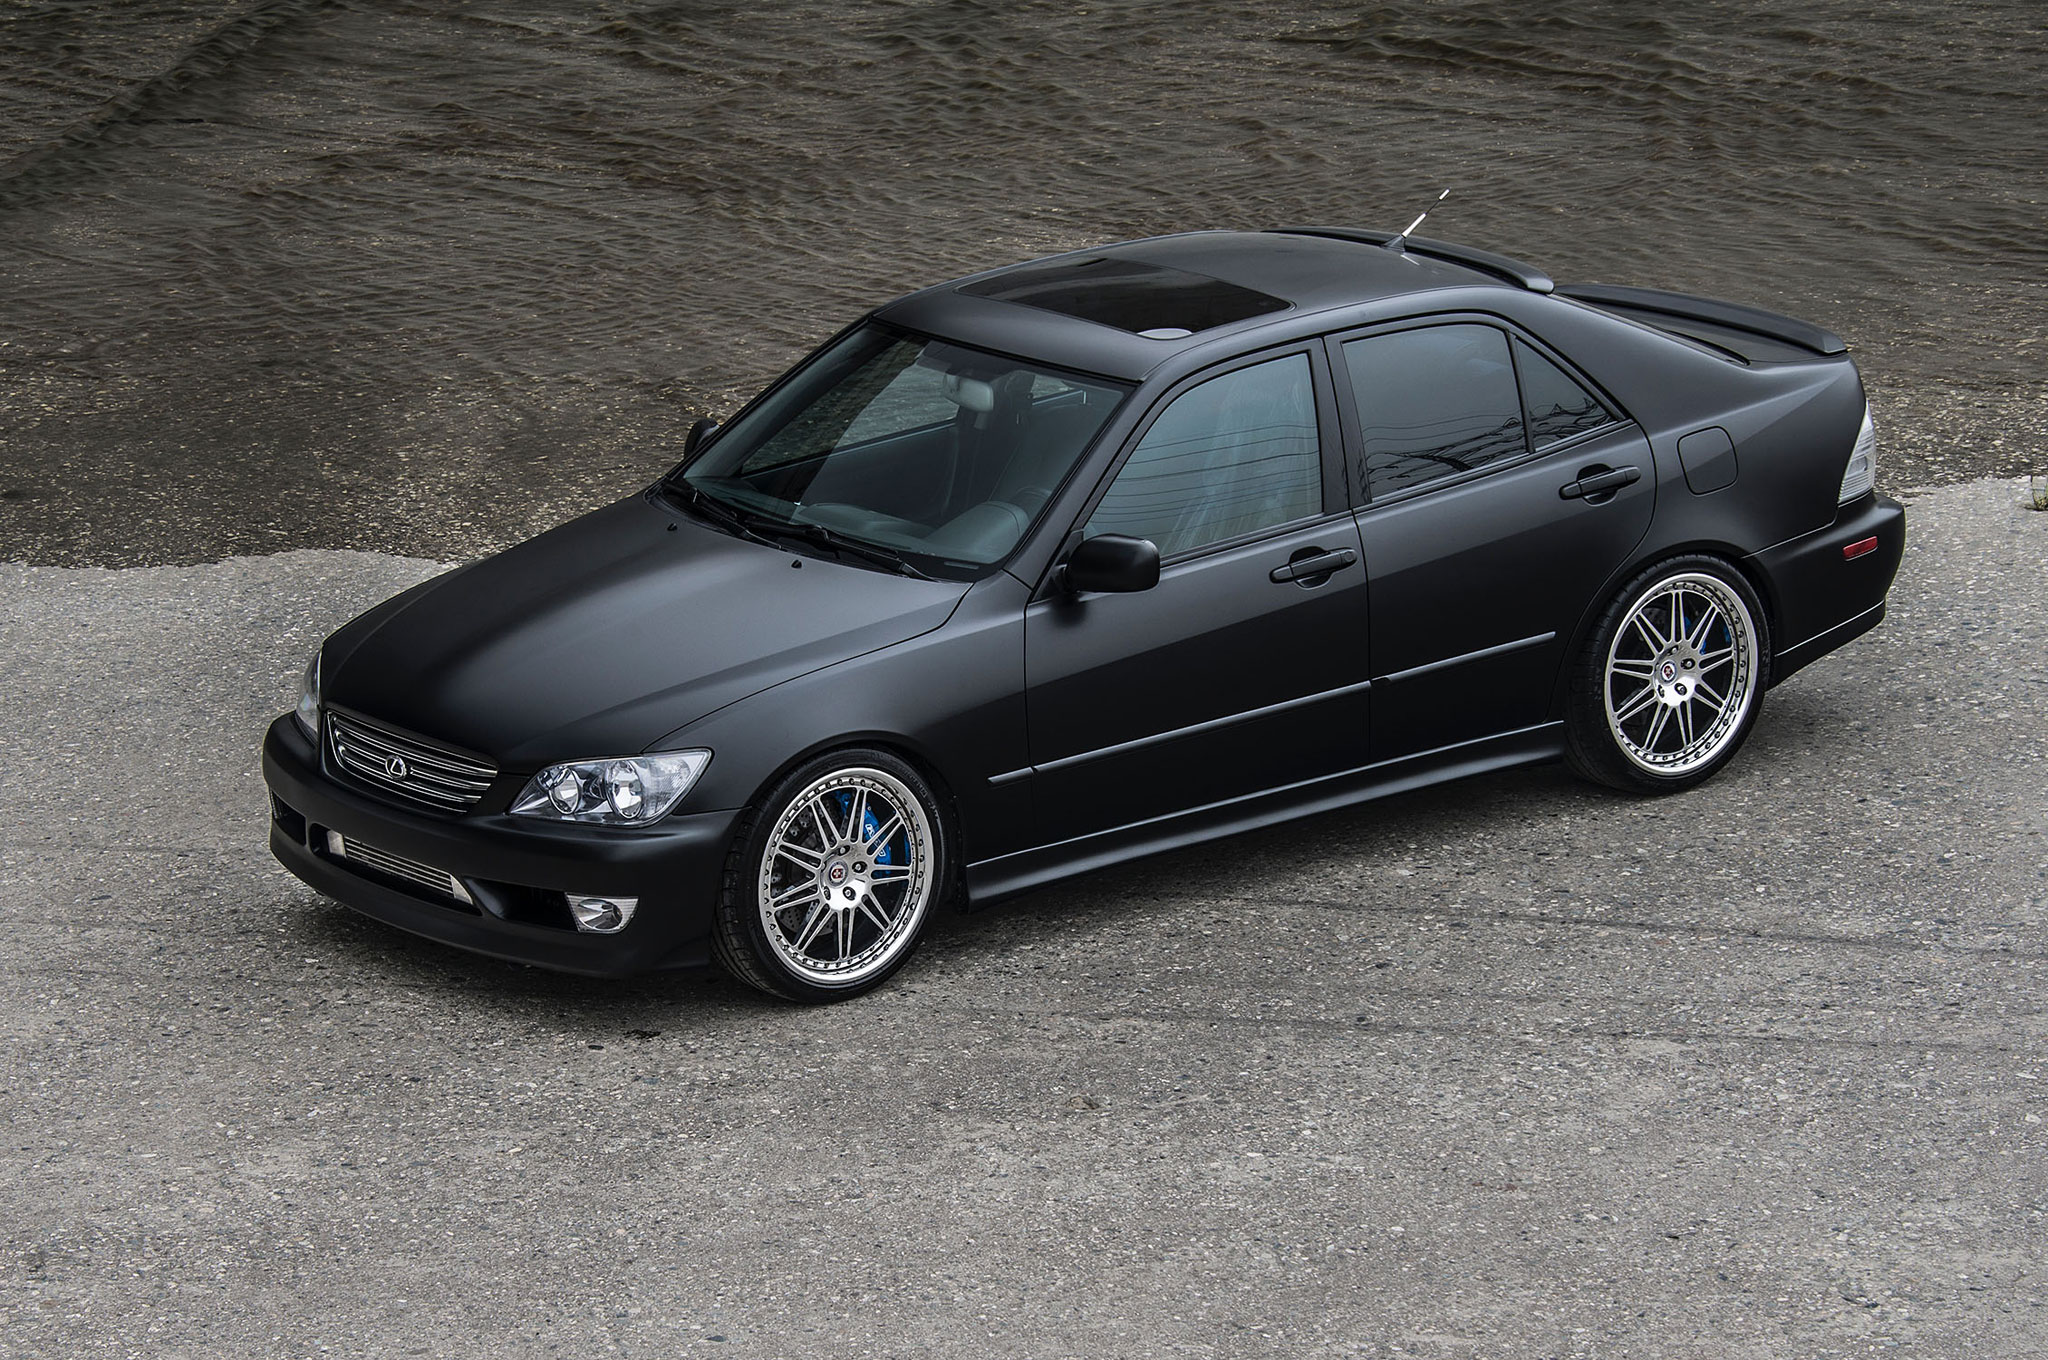 2004 Lexus IS